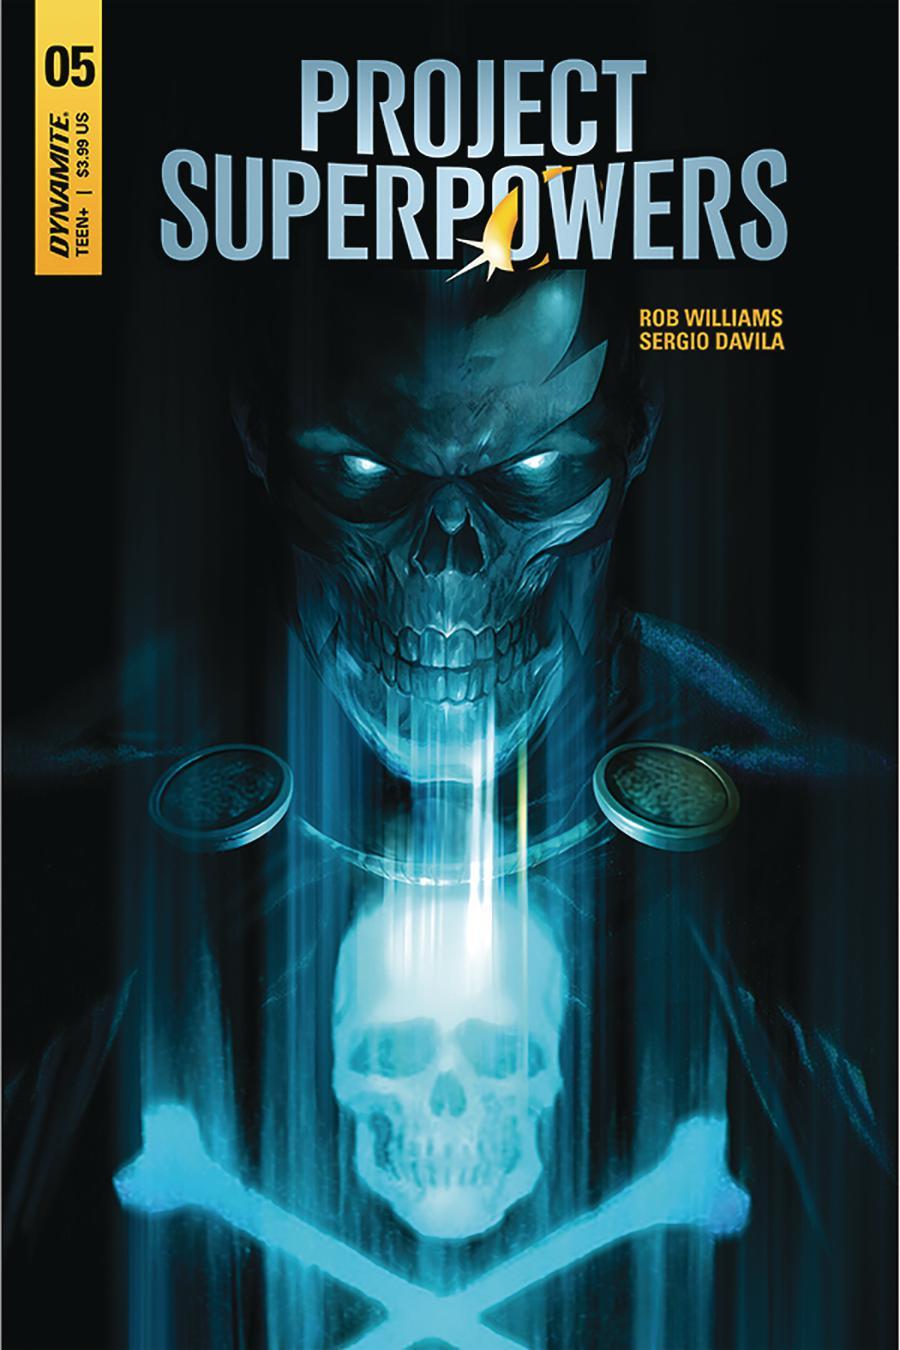 Project Superpowers Vol 3 #5 Cover A Regular Francesco Mattina Cover